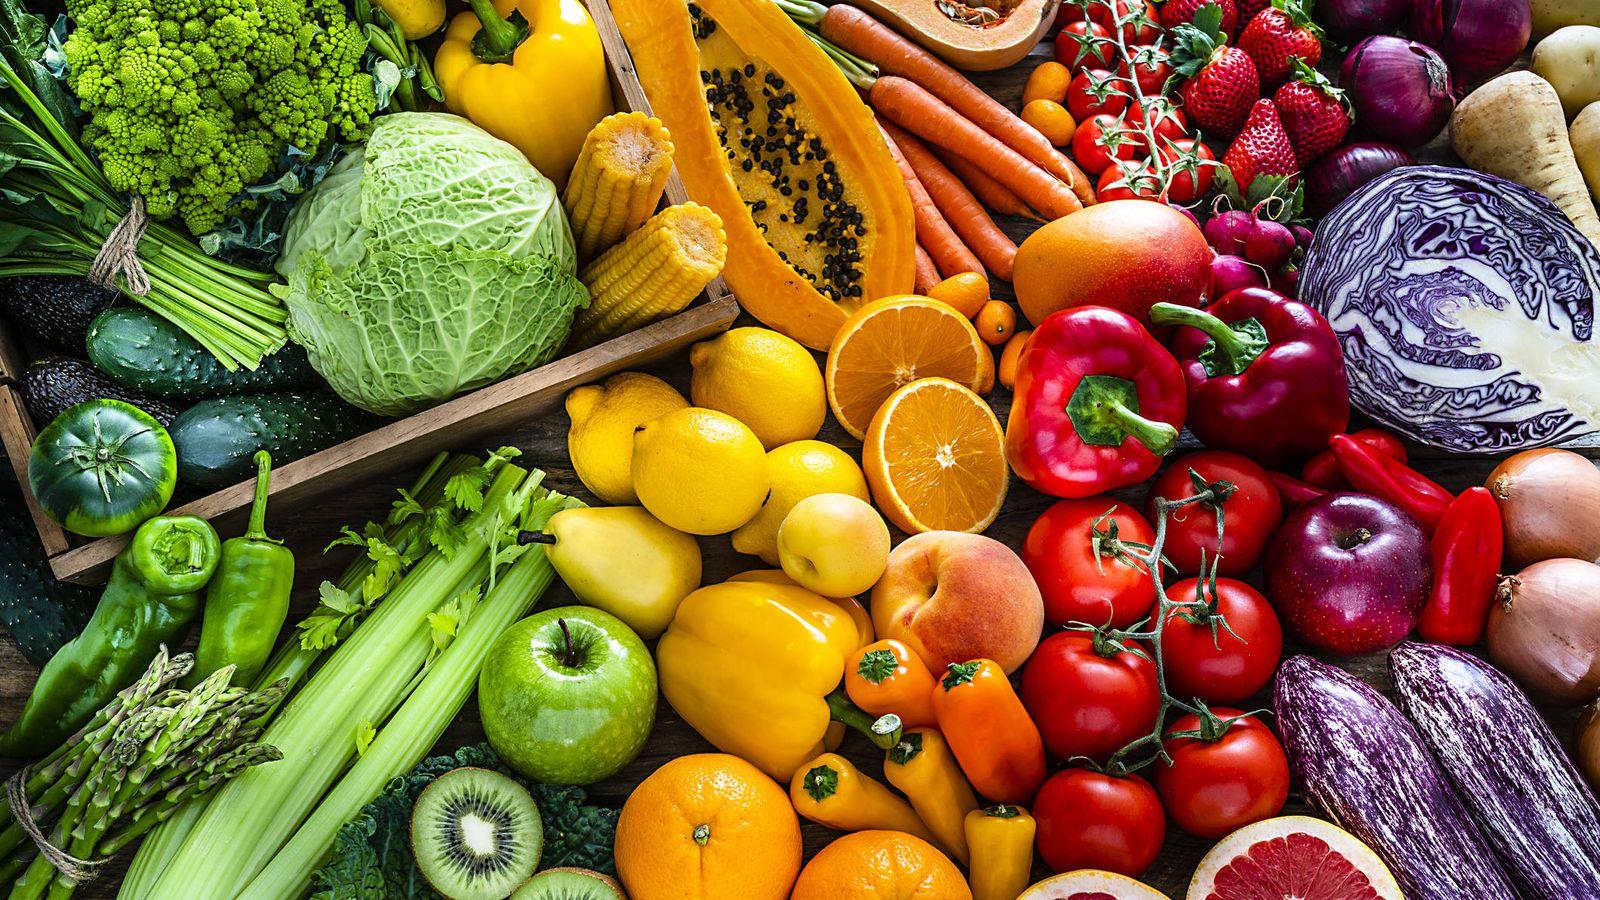 Congelados, frescos o enlatados, ¿cuál es la mejor opción para la comida?